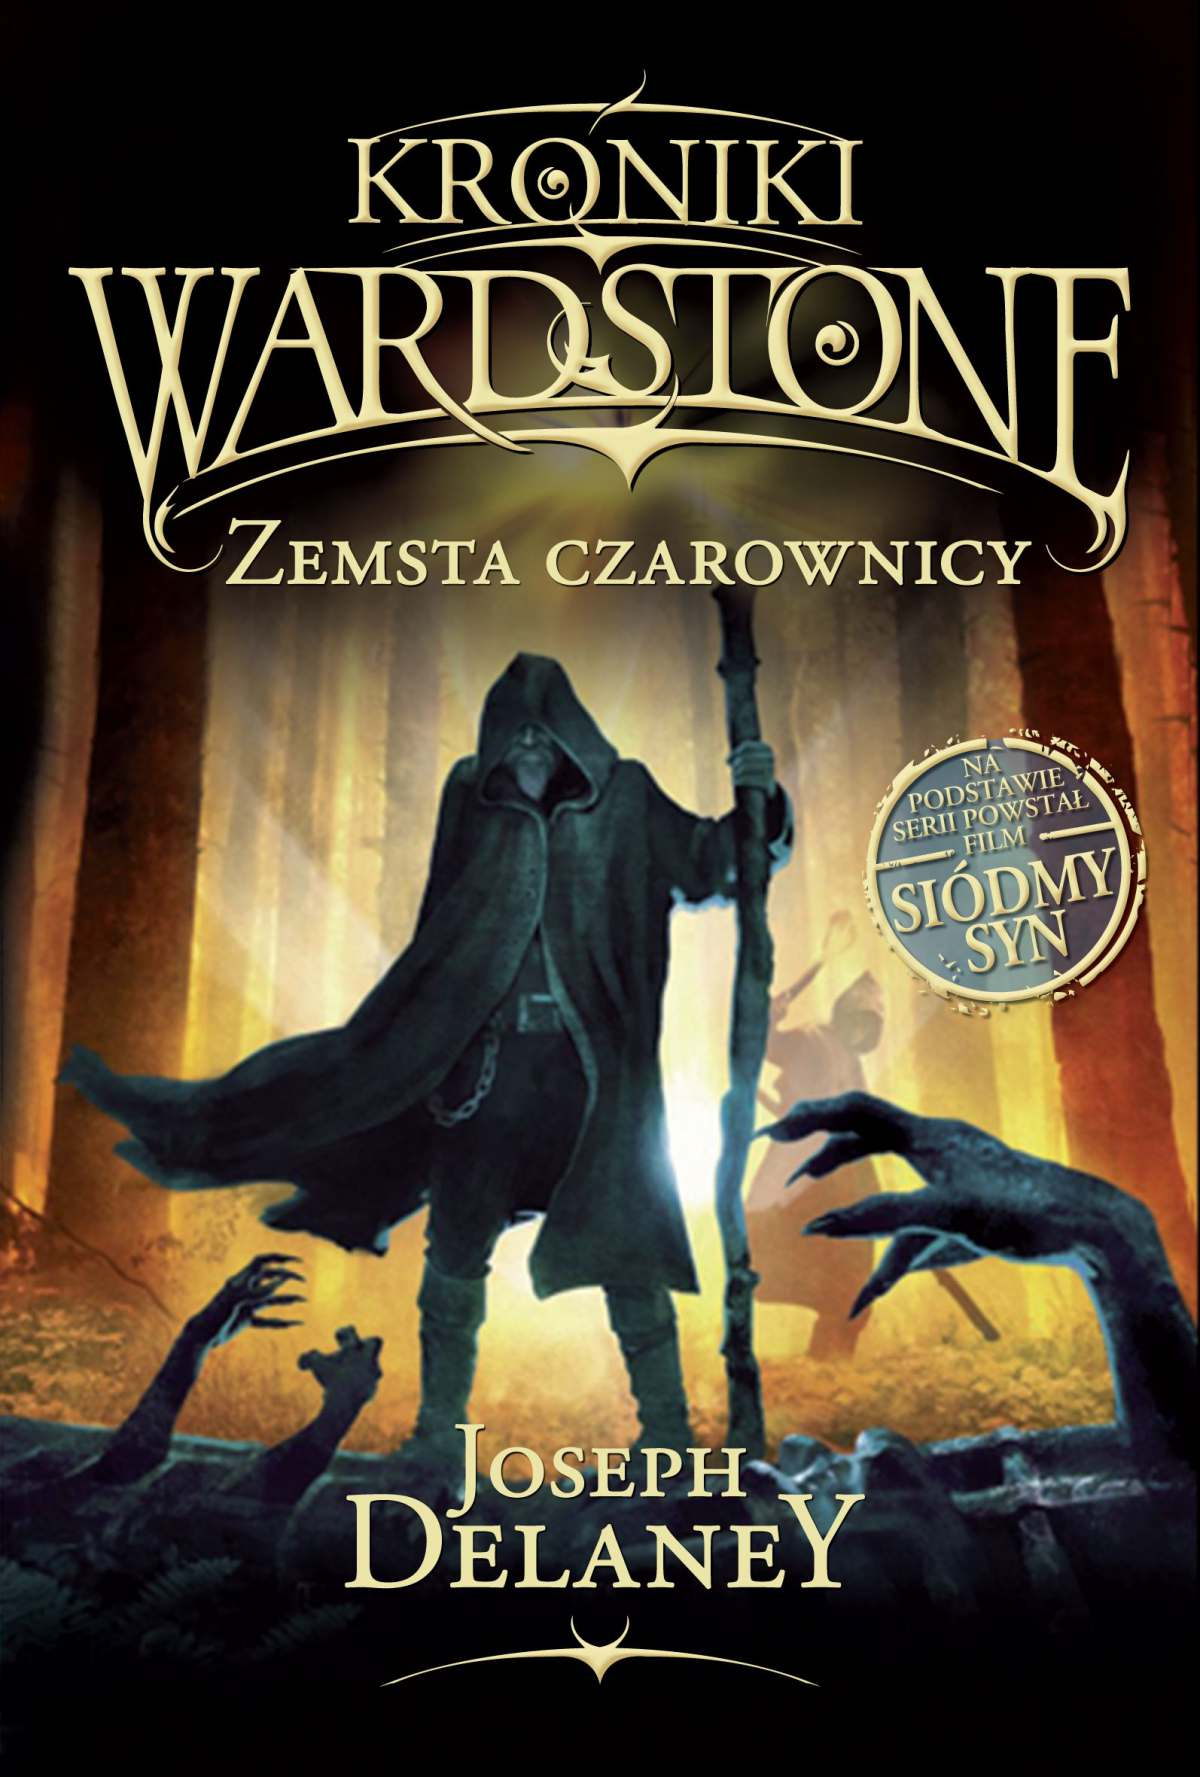 Kroniki Wardstone 1. Zemsta czarownicy - Ebook (Książka EPUB) do pobrania w formacie EPUB